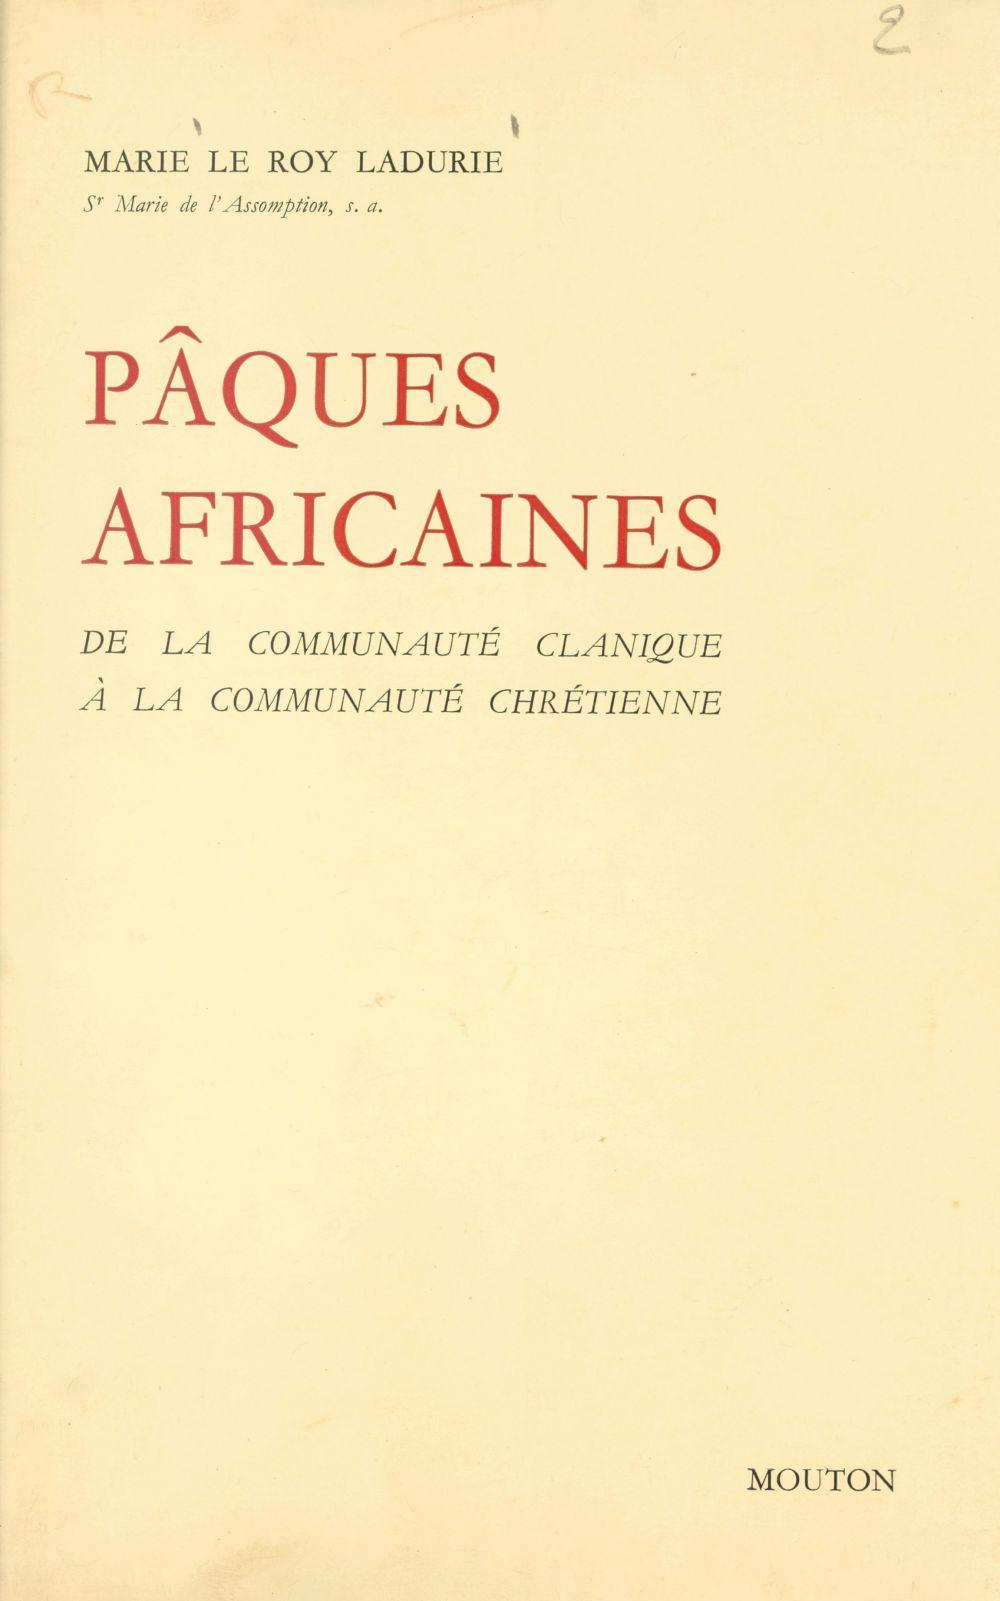 Pâques africaines  - Marie Le Roy Ladurie